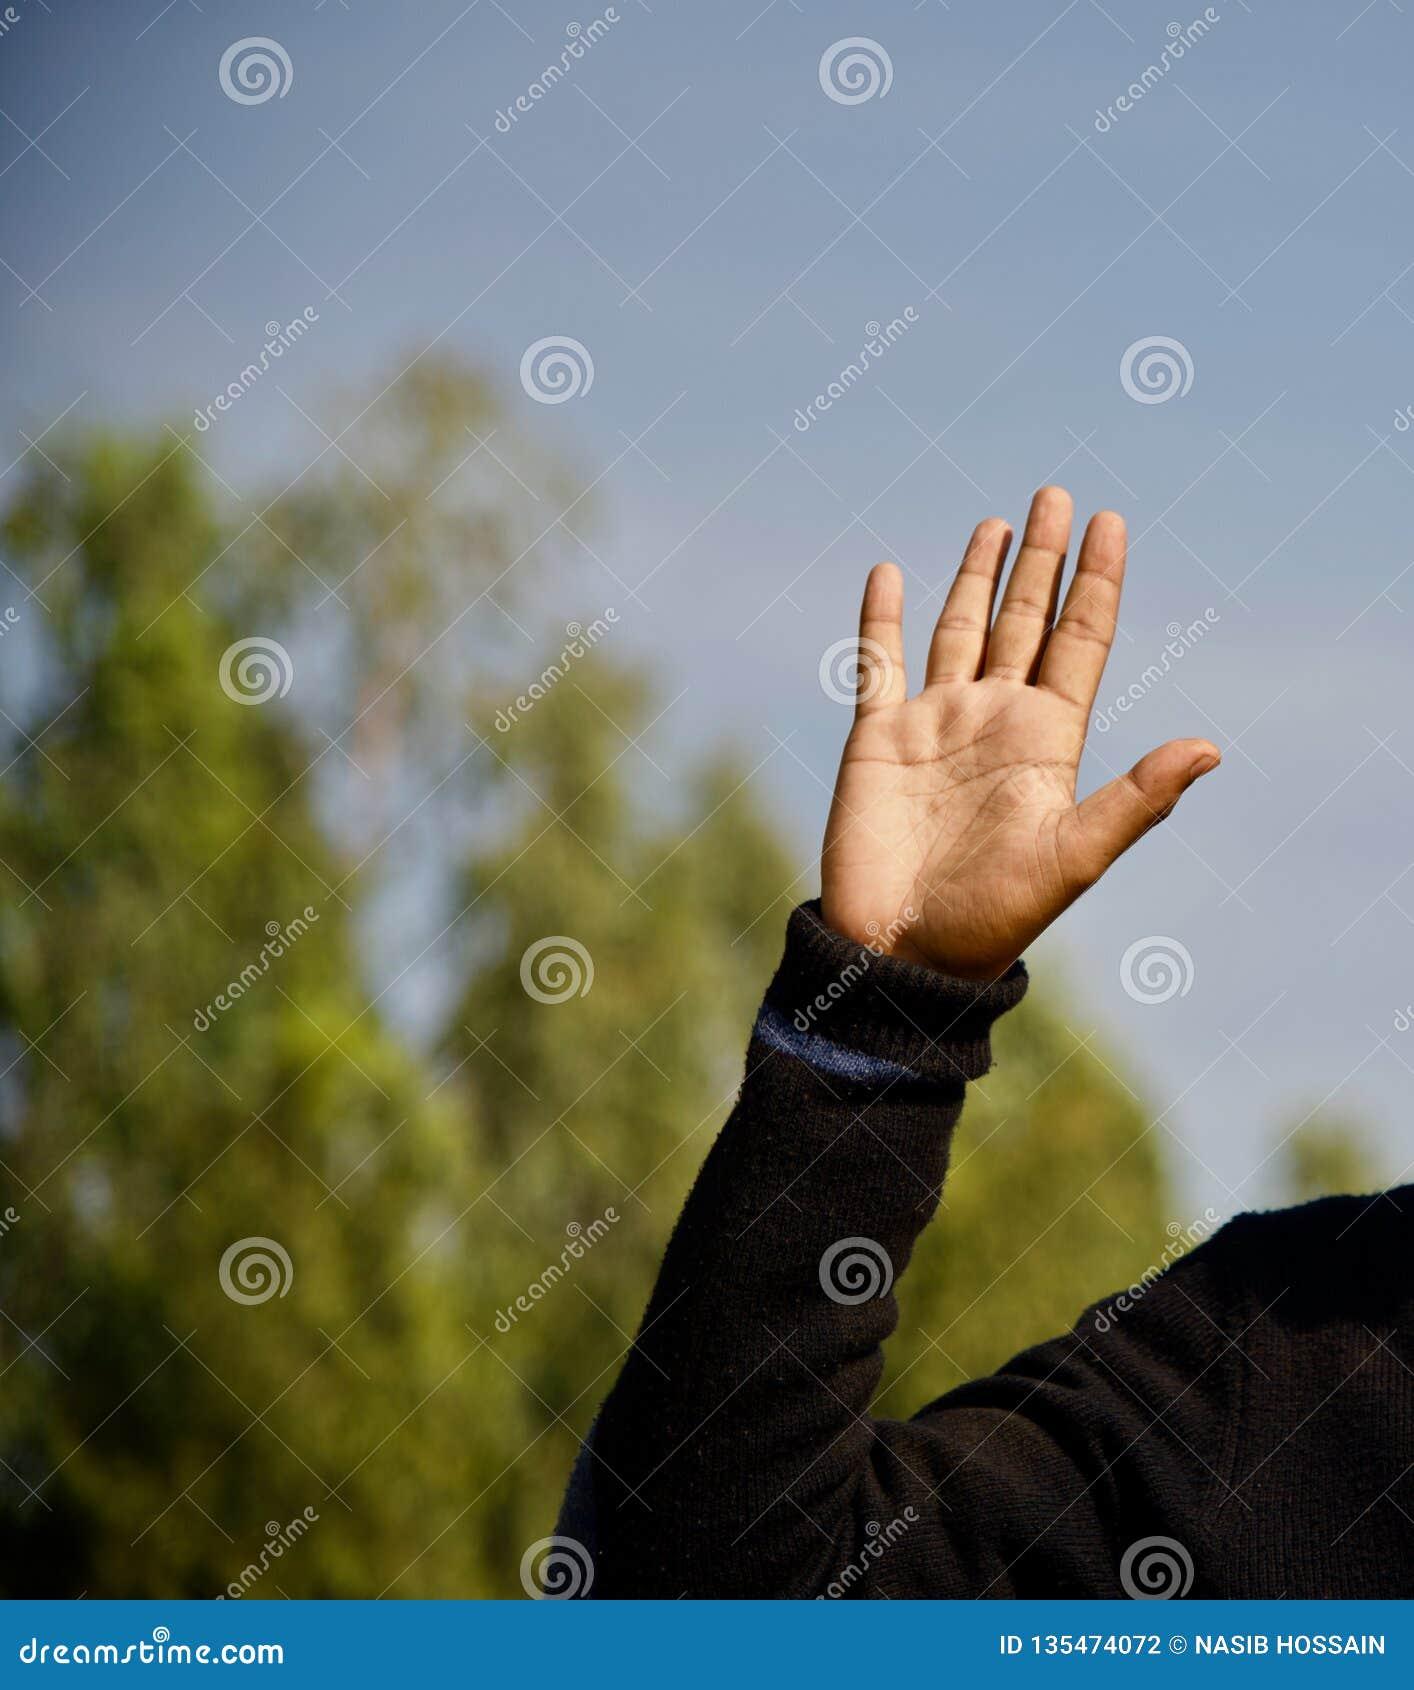 Man raising a hand unique photo